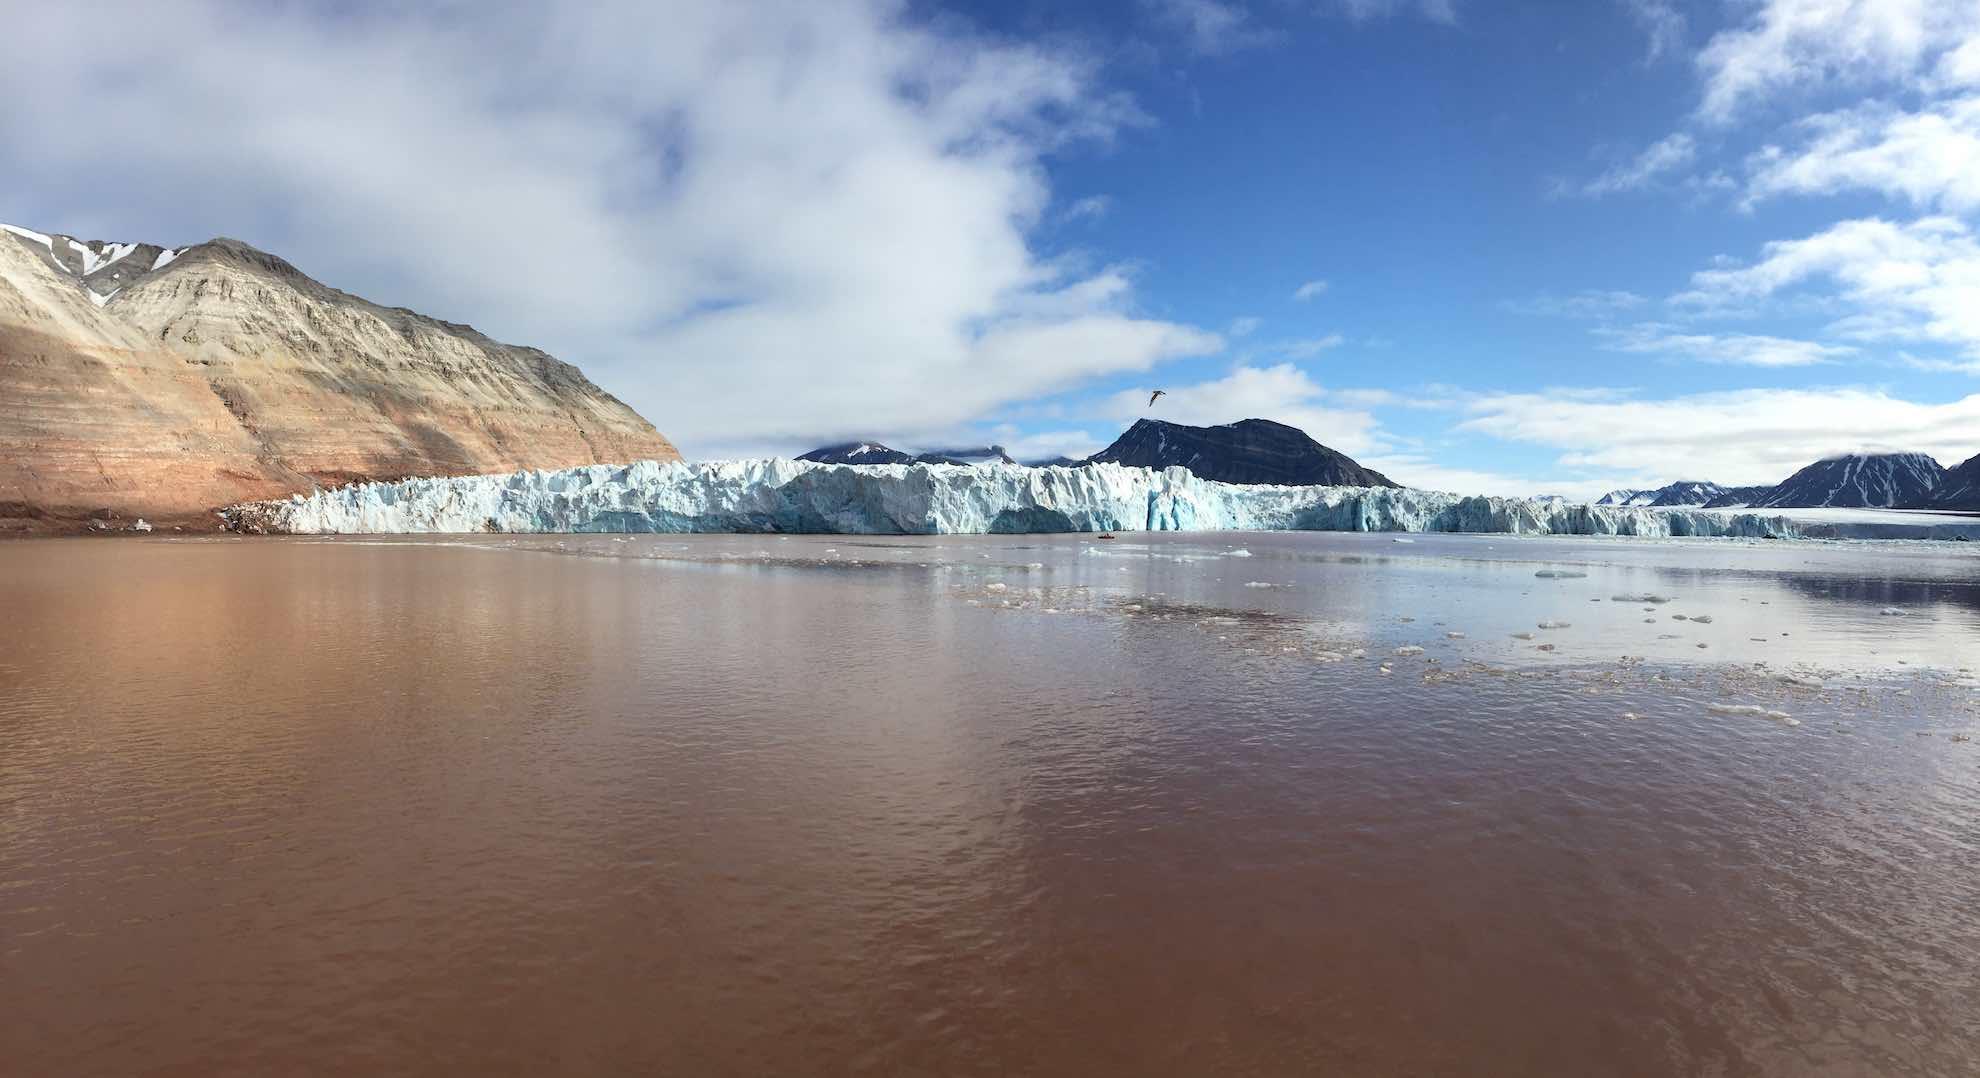 Wieder scheint das Wasser rostrot gefärbt durch das Gletscherwasser.